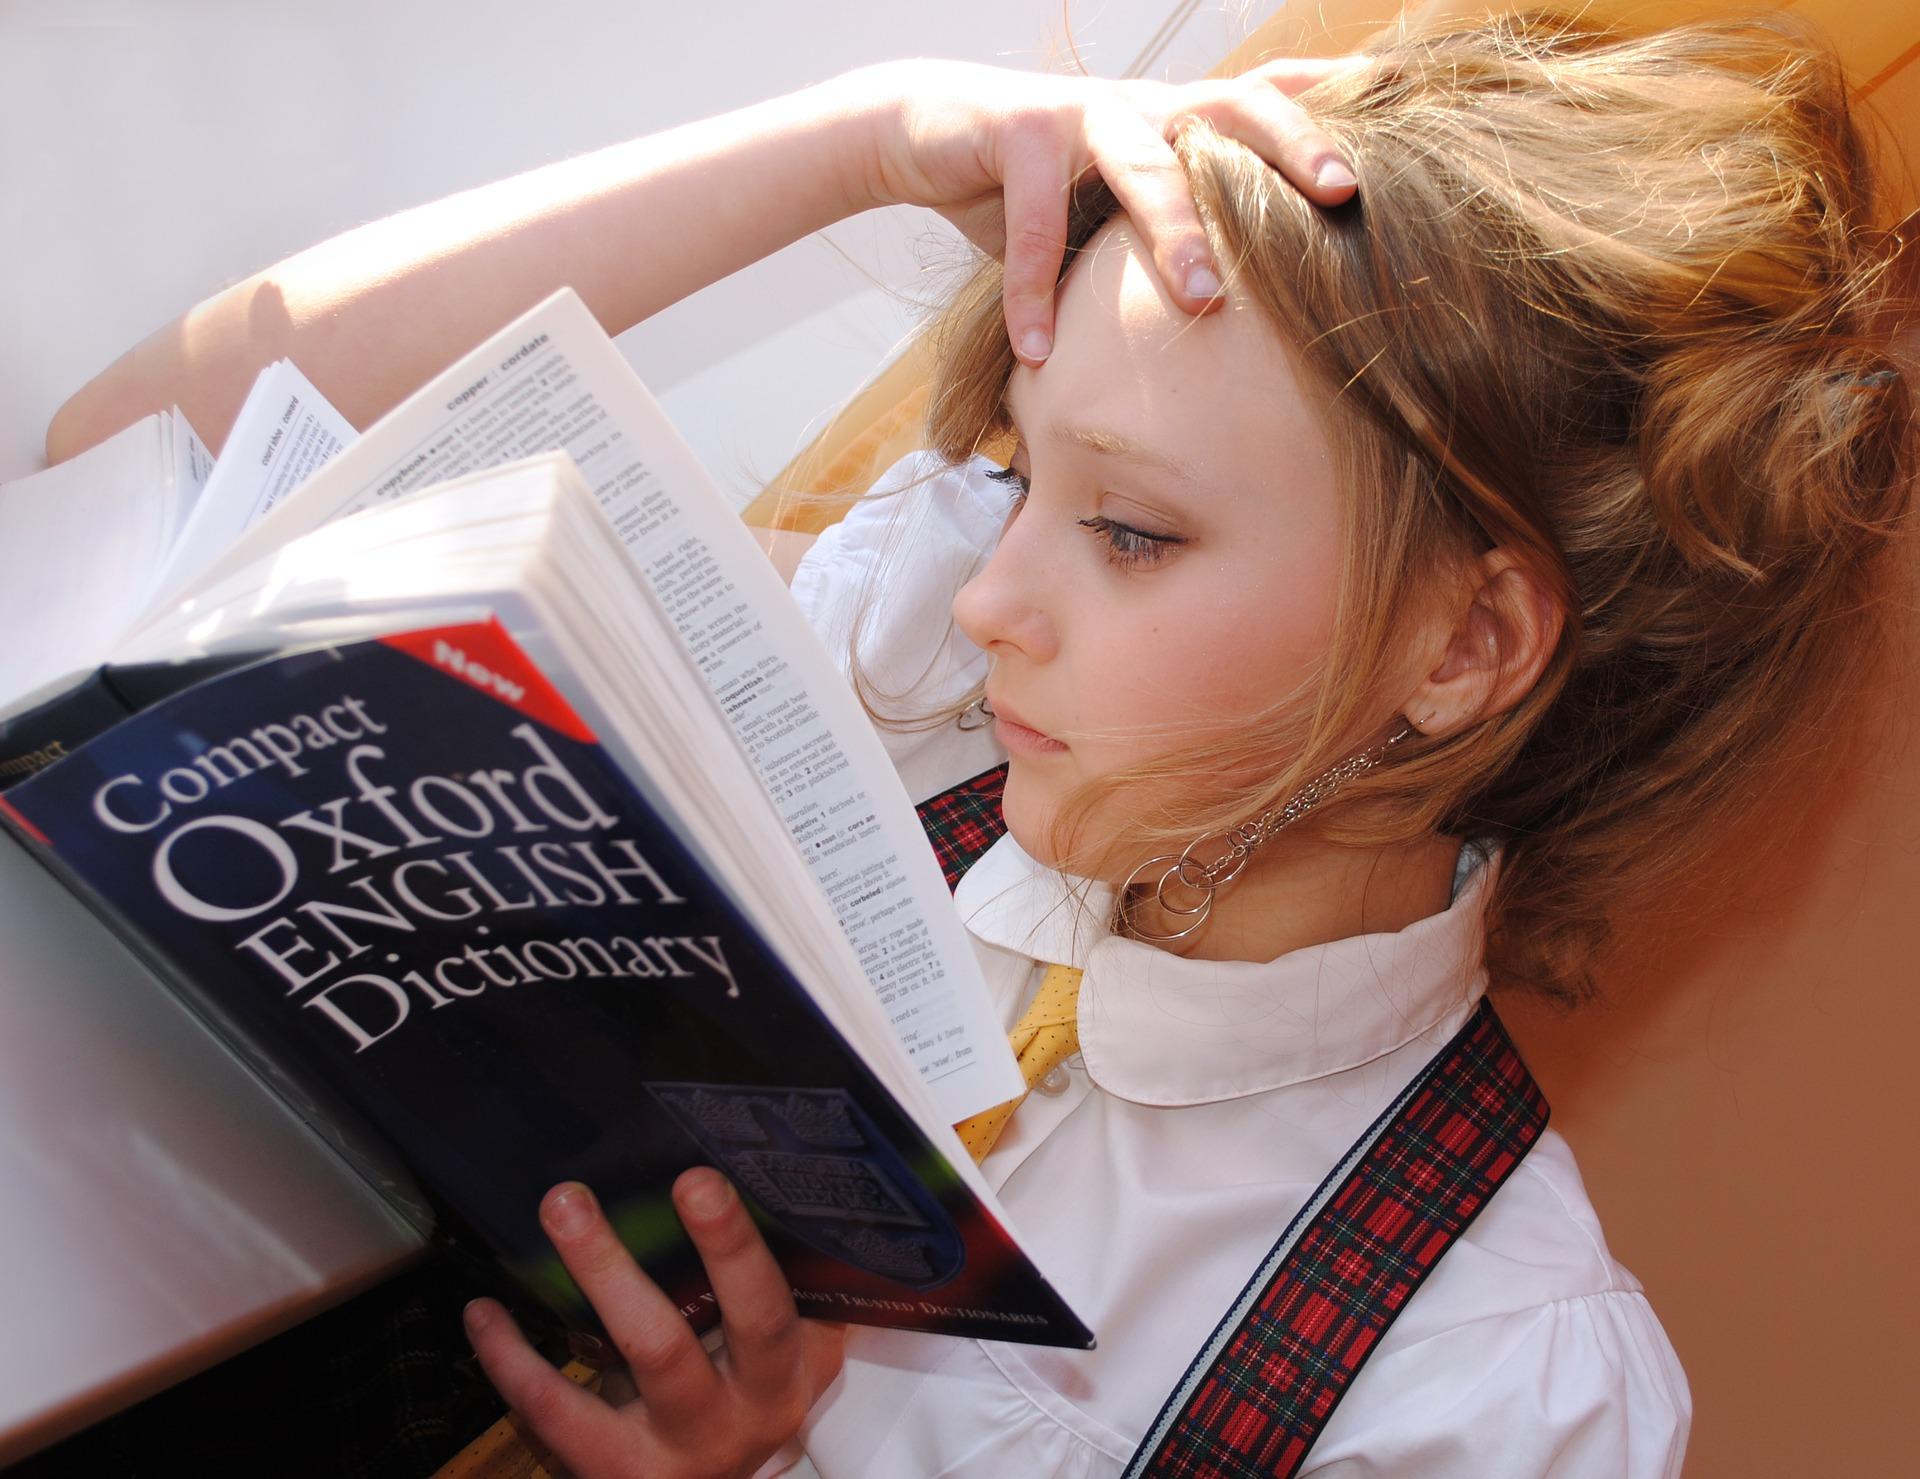 英語辞書を読んでいる女の子